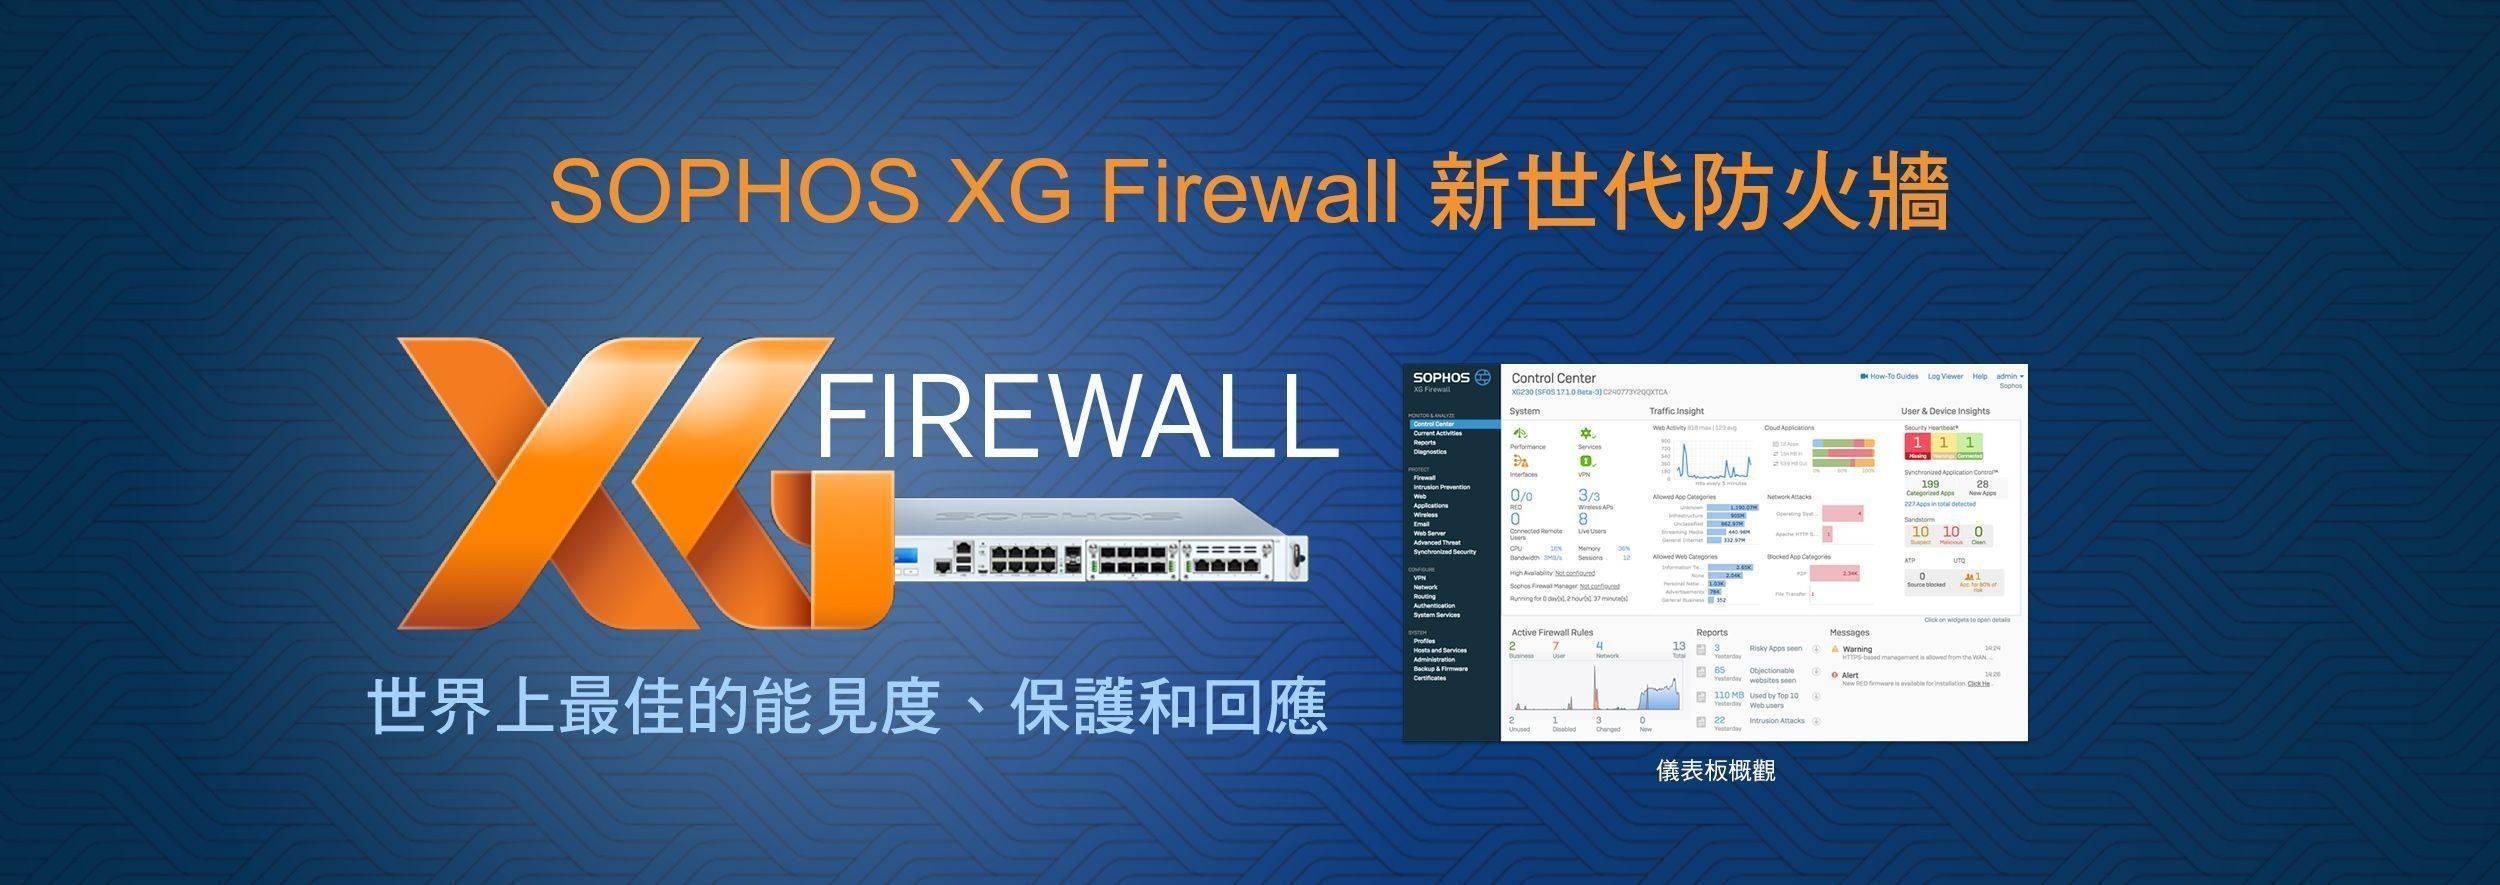 SOPHOS XG Firewall 新世代防火牆 - 世界上最佳的能見度、保護和回應